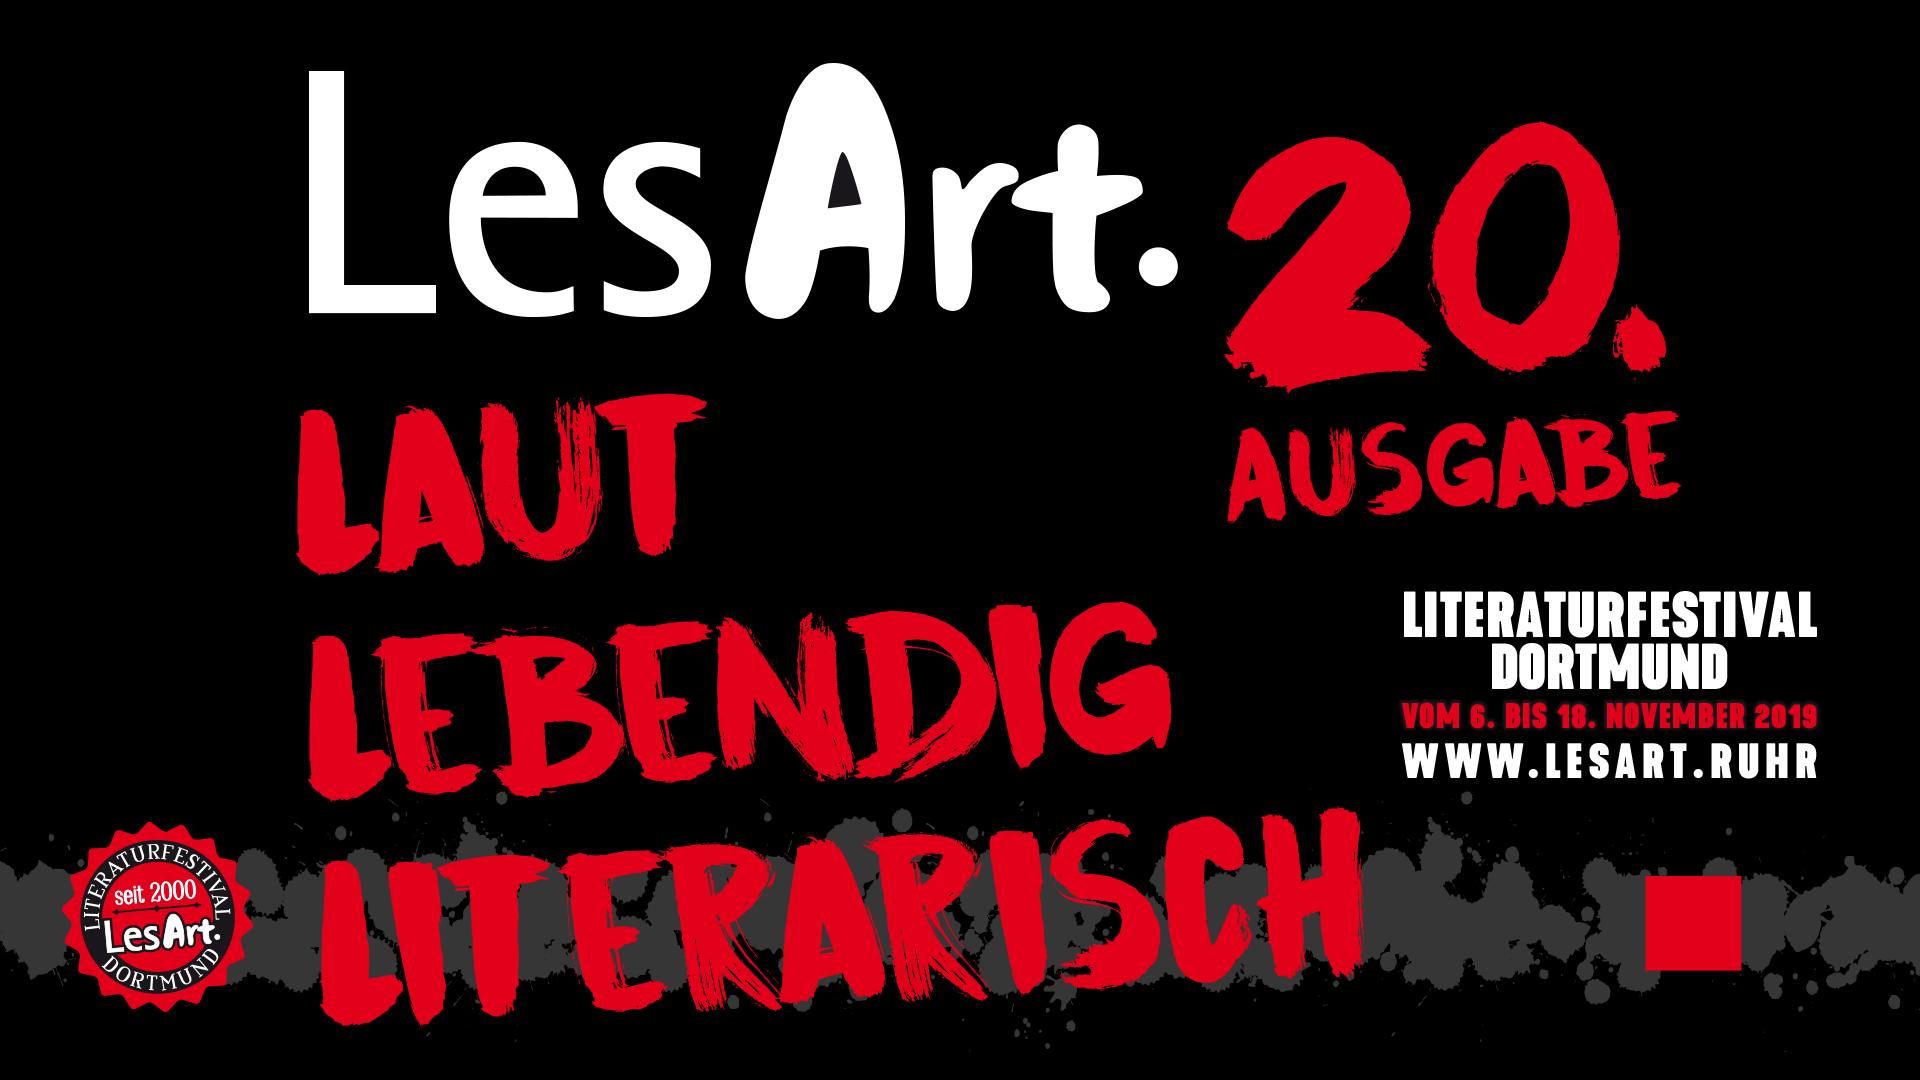 LesArt. Literaturfestival Dortmund 2019